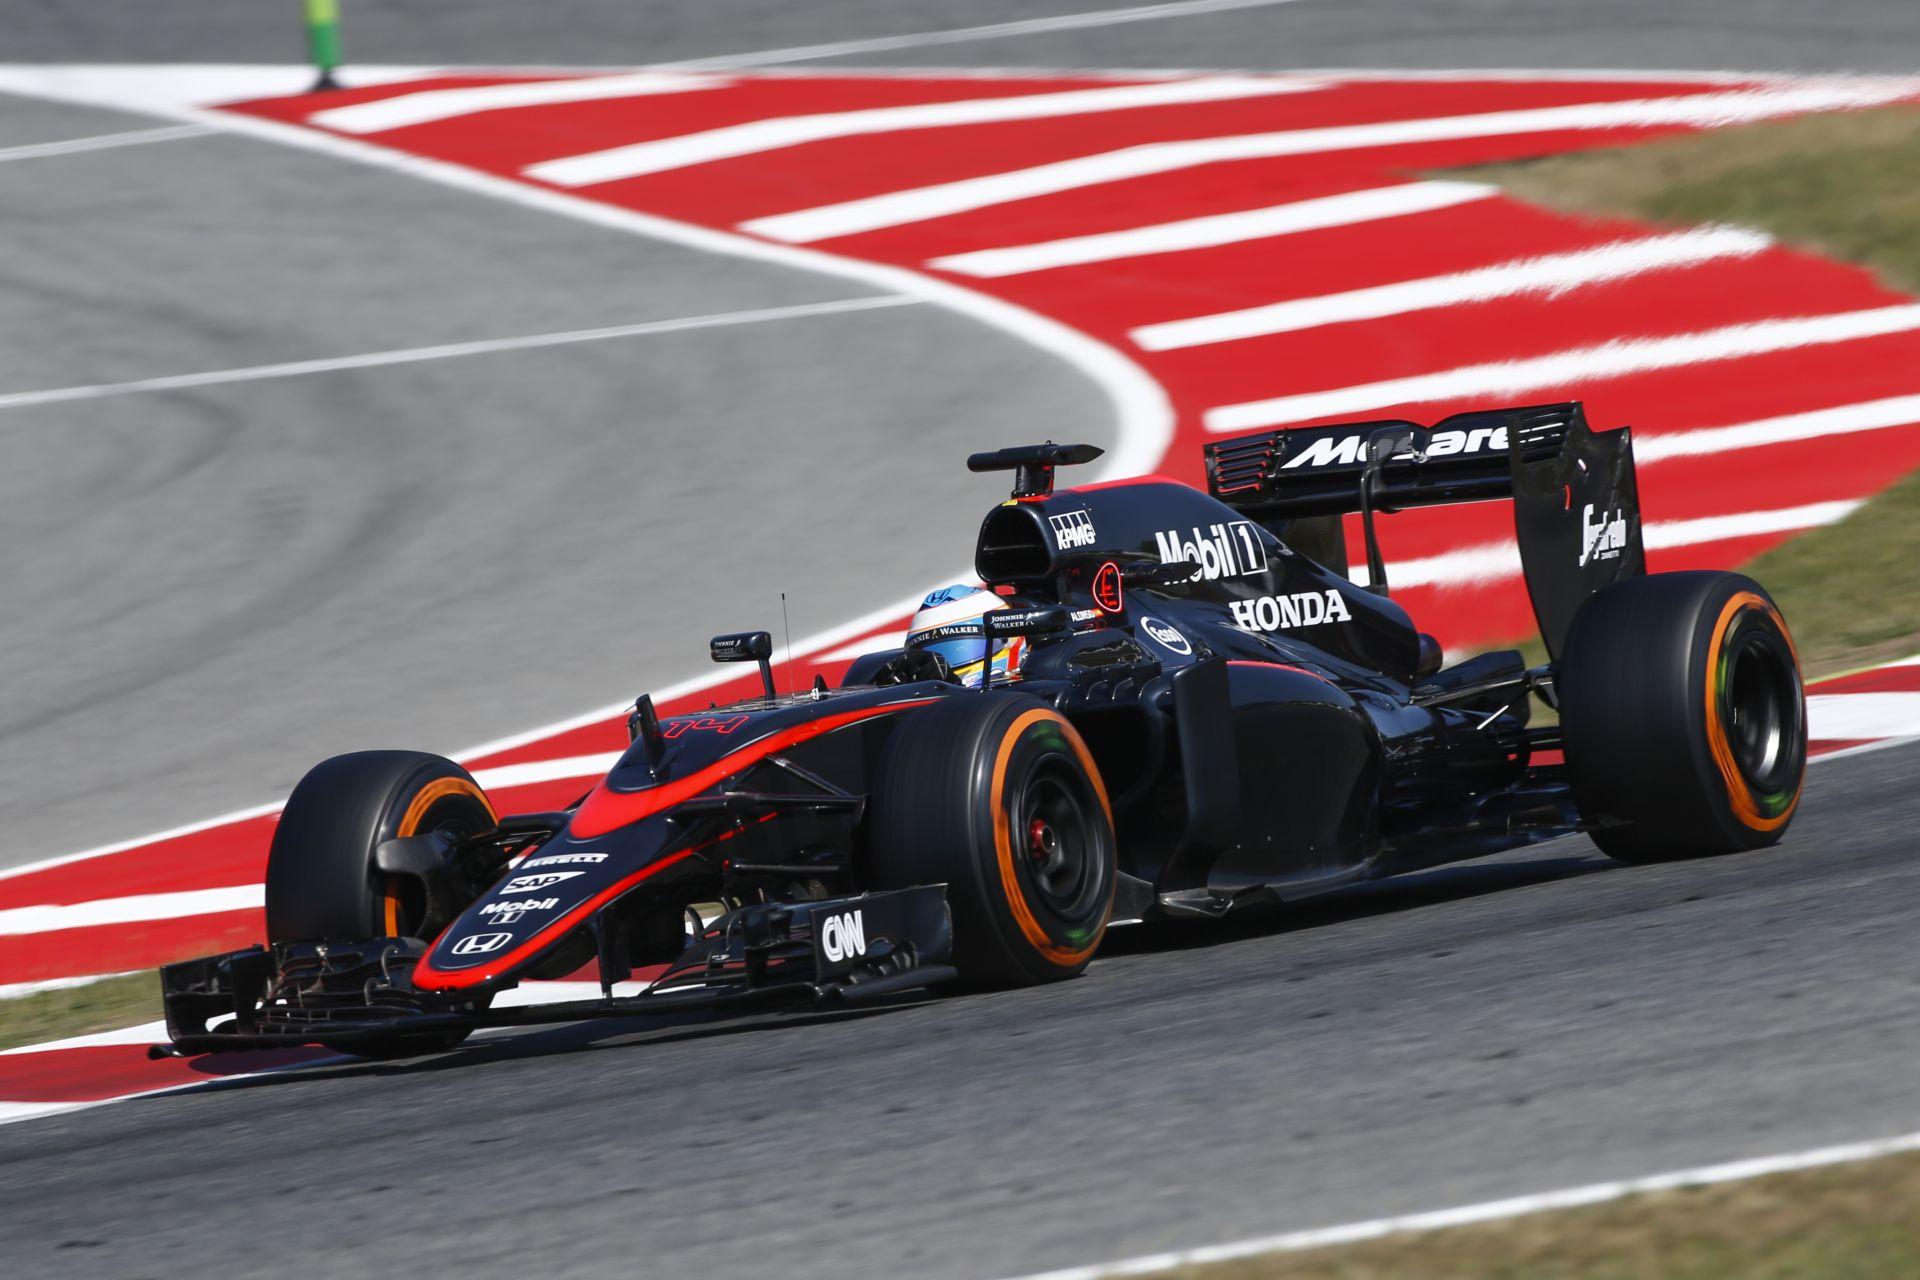 Alonso szerint a nyolcadik vagy a kilencedik hely is meglehetett volna a Spanyol Nagydíjon